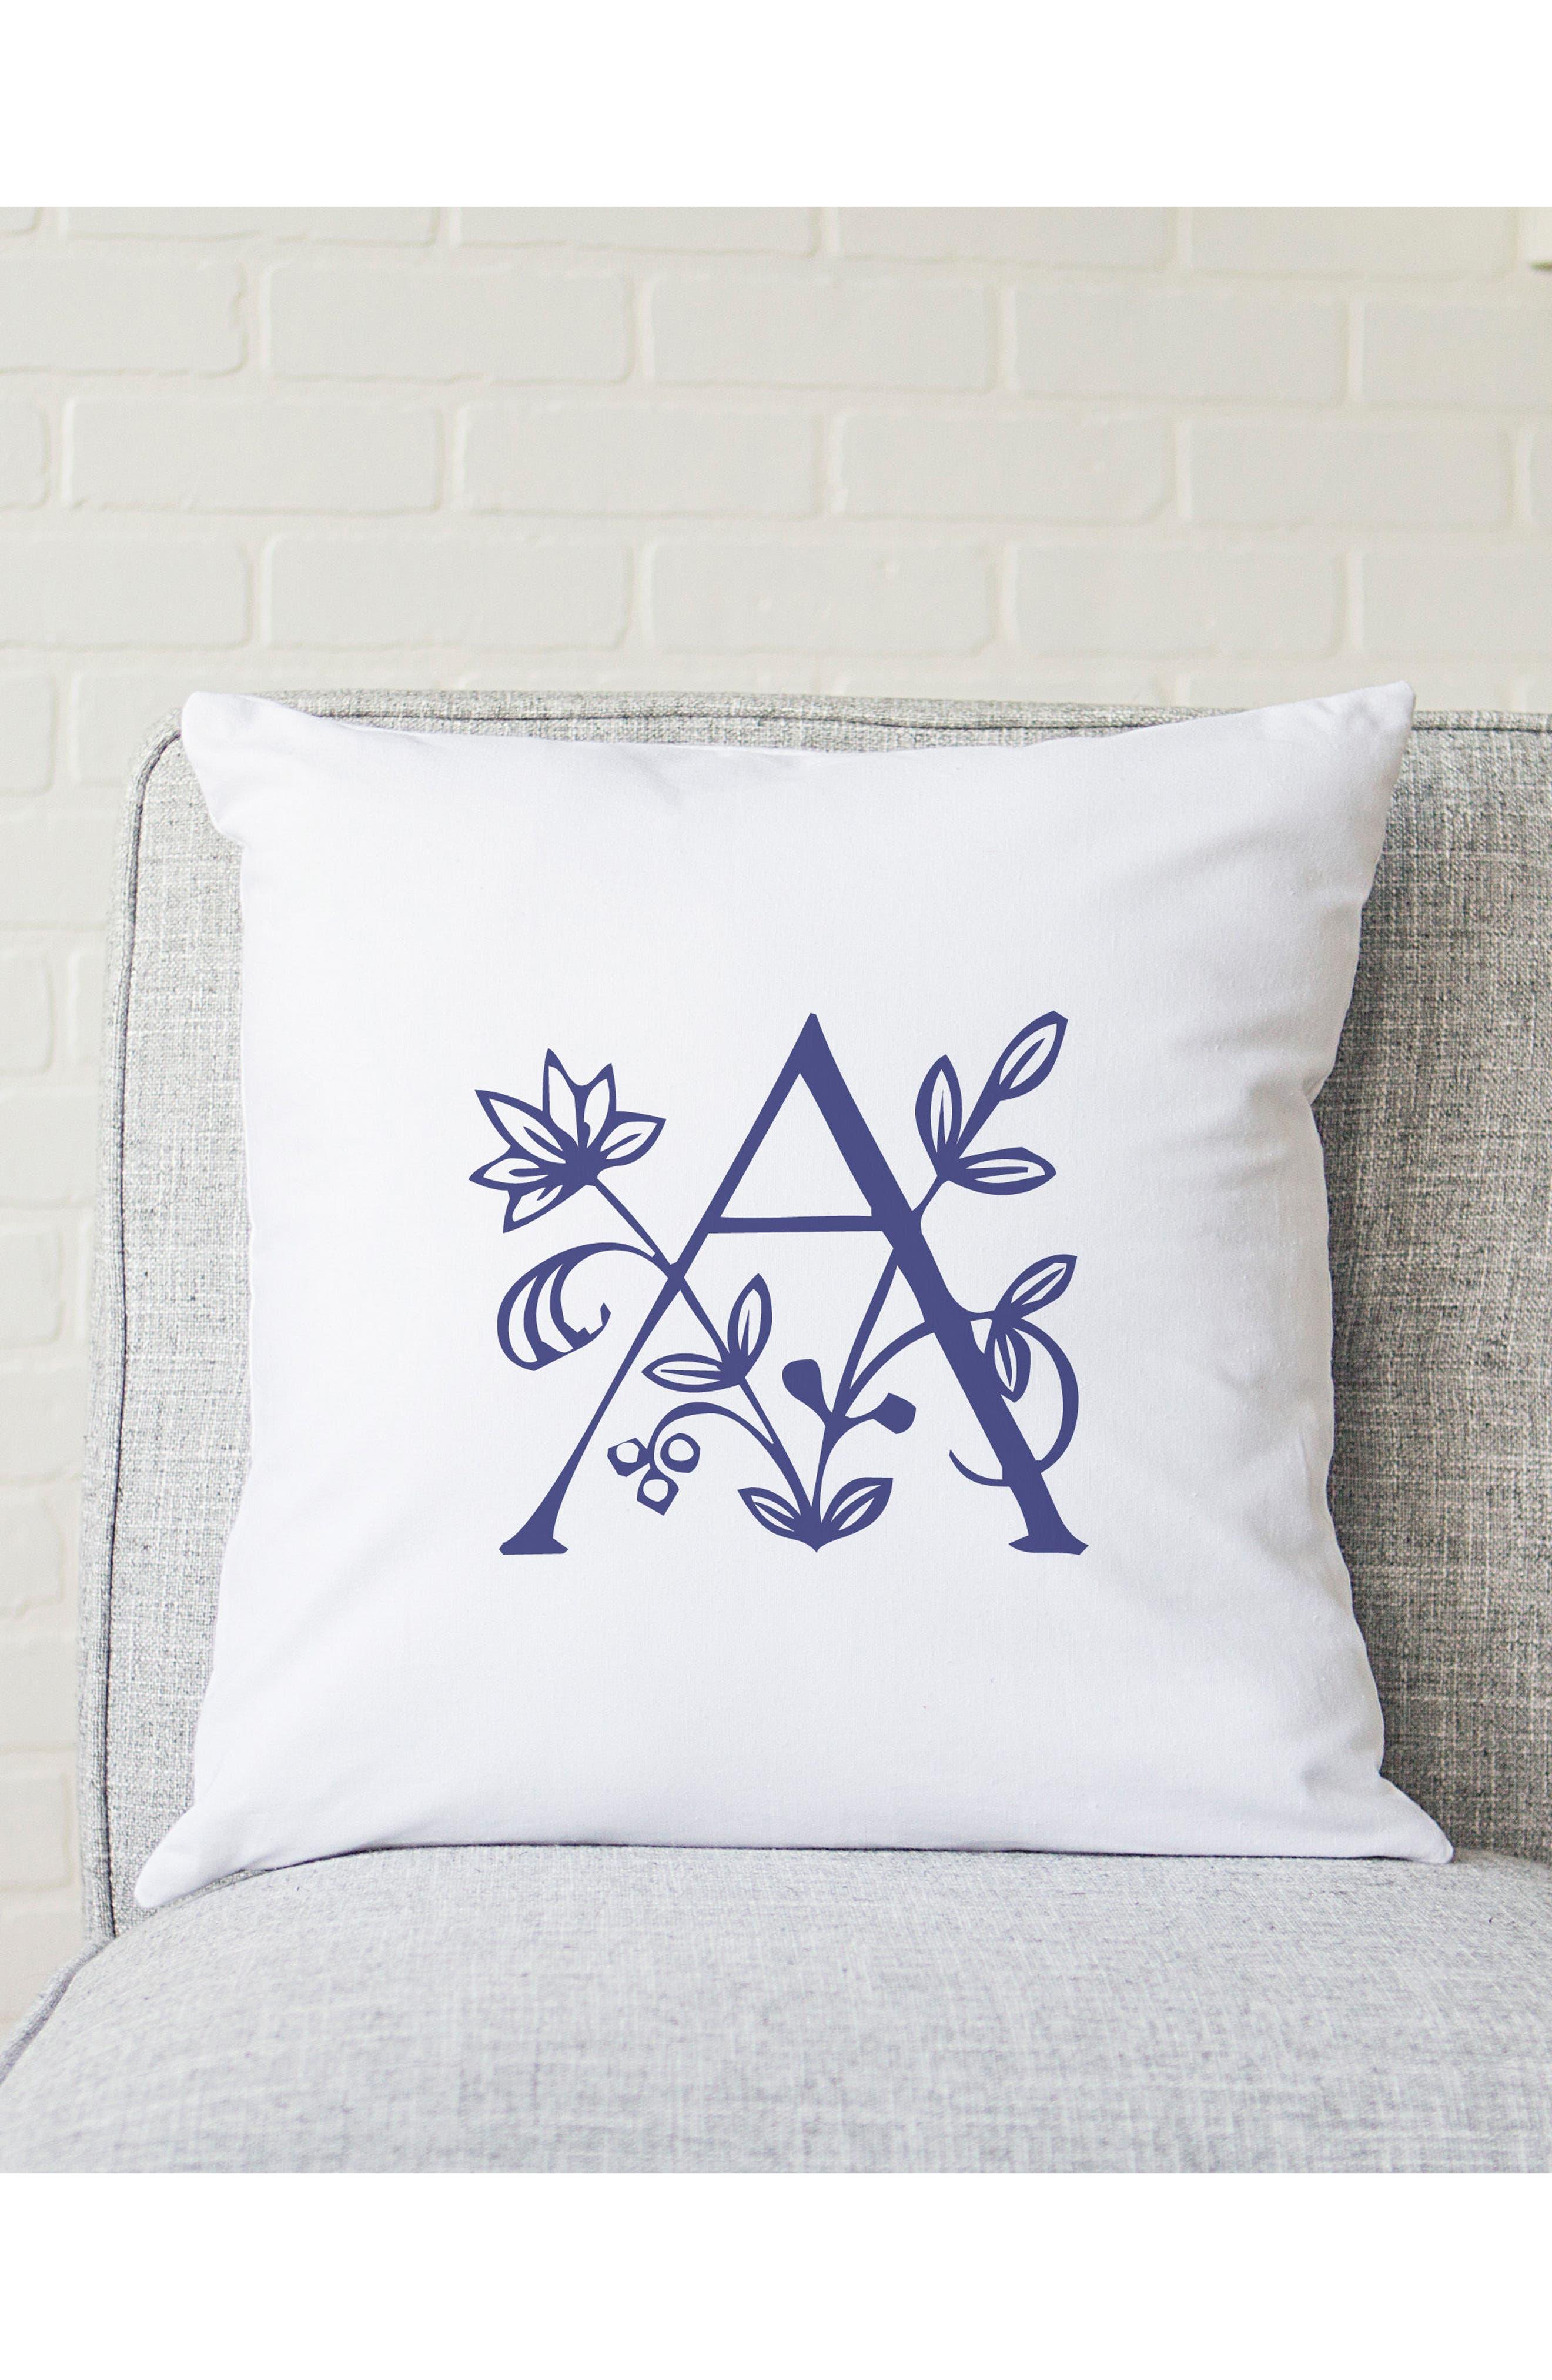 Floral Monogram Accent Pillow,                             Alternate thumbnail 3, color,                             400